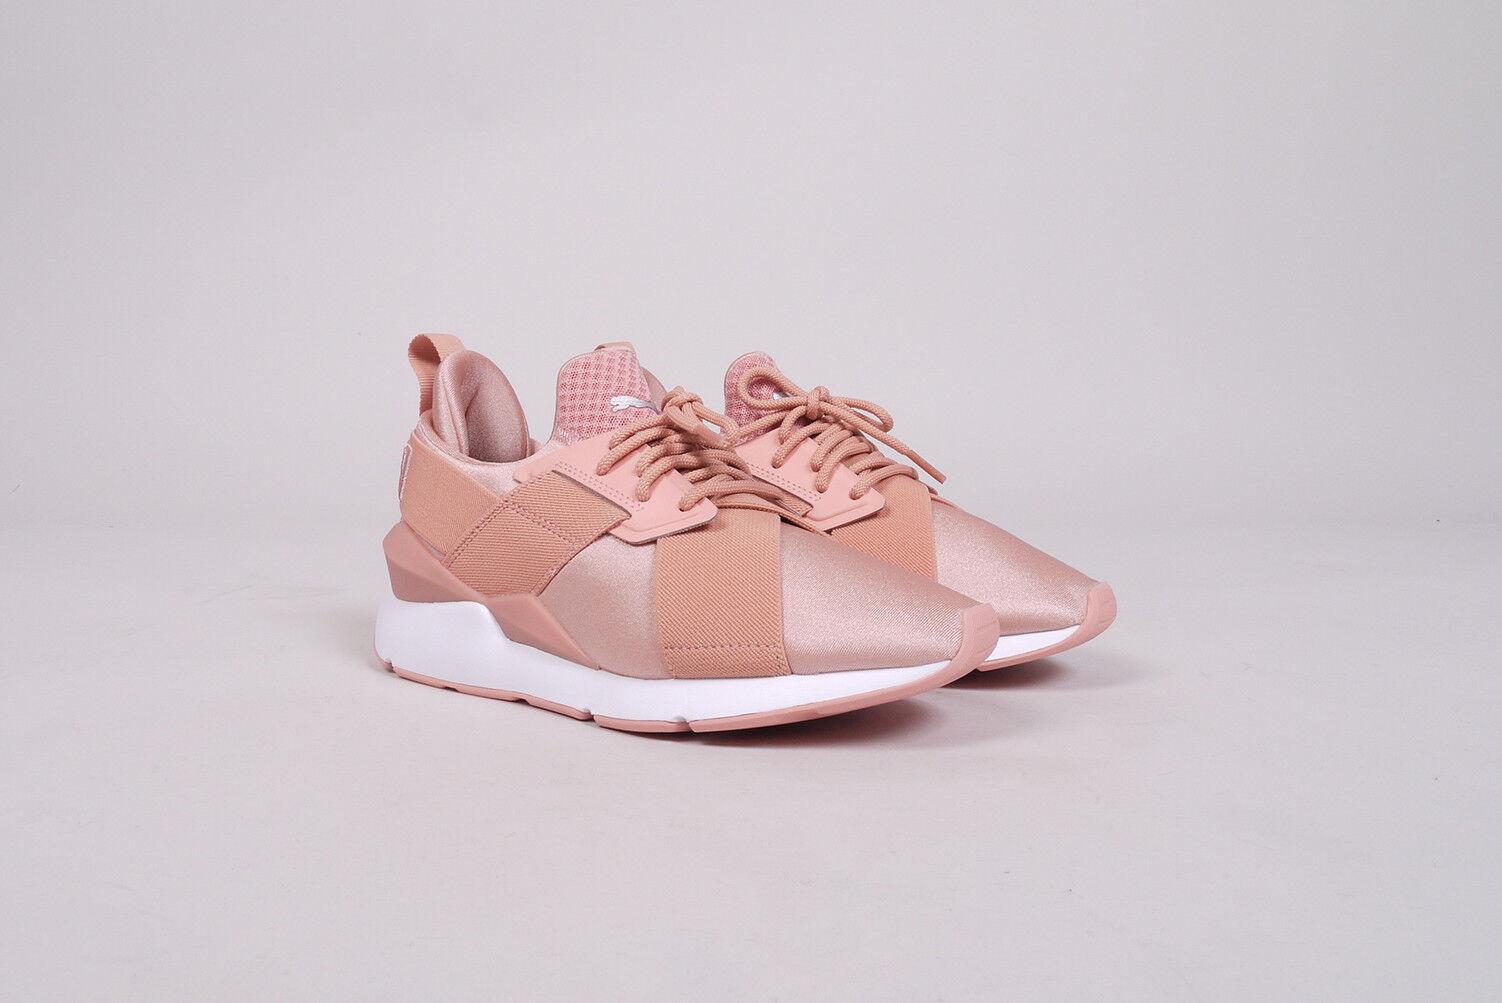 PUMA Muse Sneaker X Strap SATIN PE Sneaker Muse Donna UE 40,5 US 9,5 Nuovo Scarpe Peach Creeper 942b97